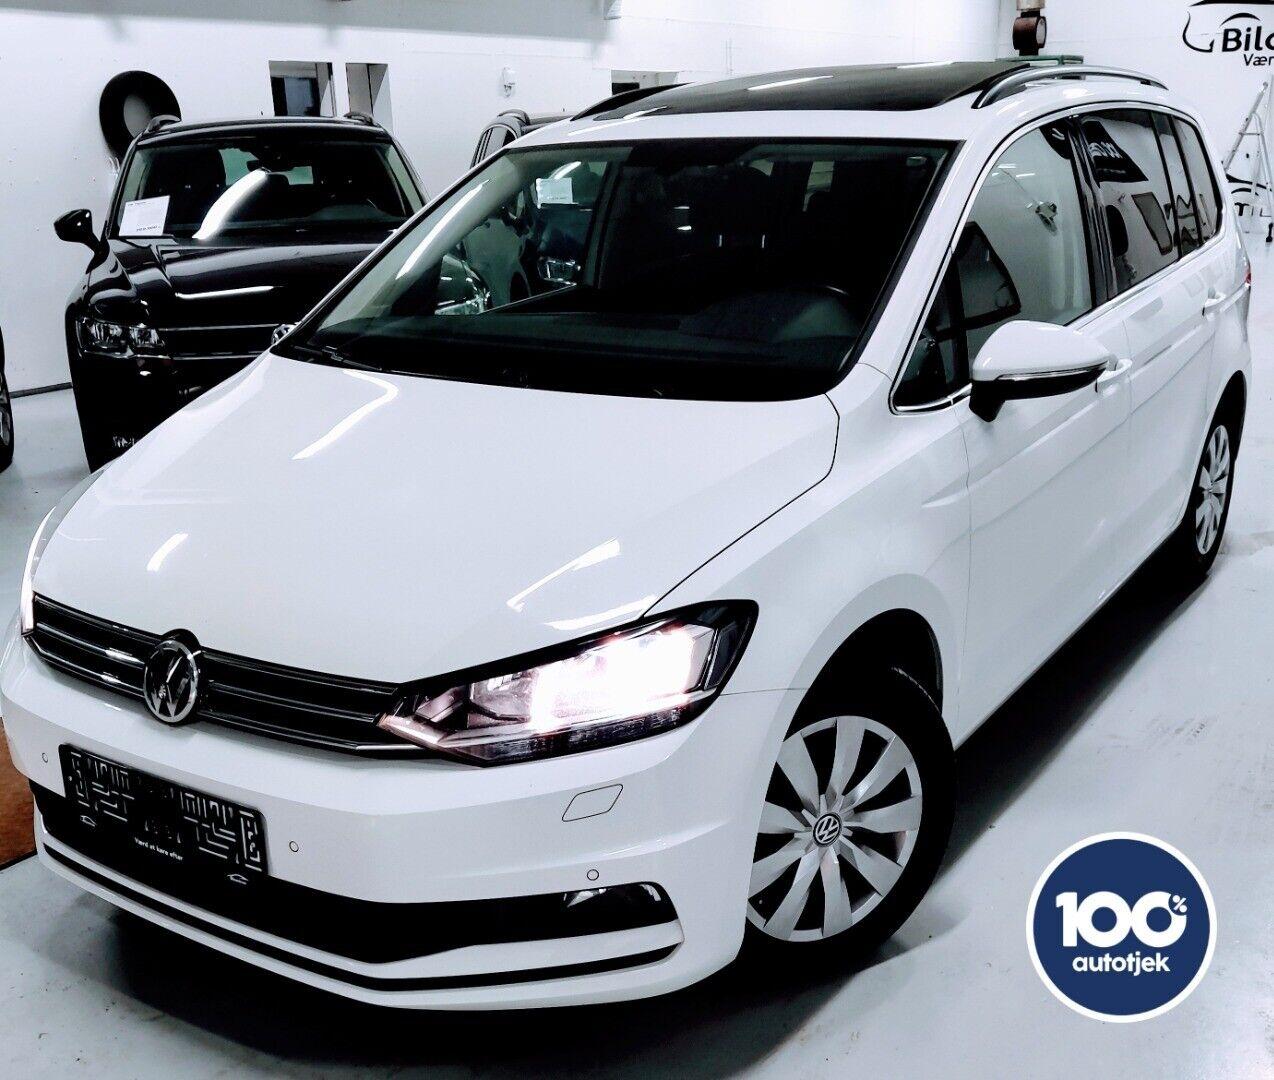 VW Touran 1,6 TDi 115 Comfortline DSG 7prs 5d - 276.900 kr.